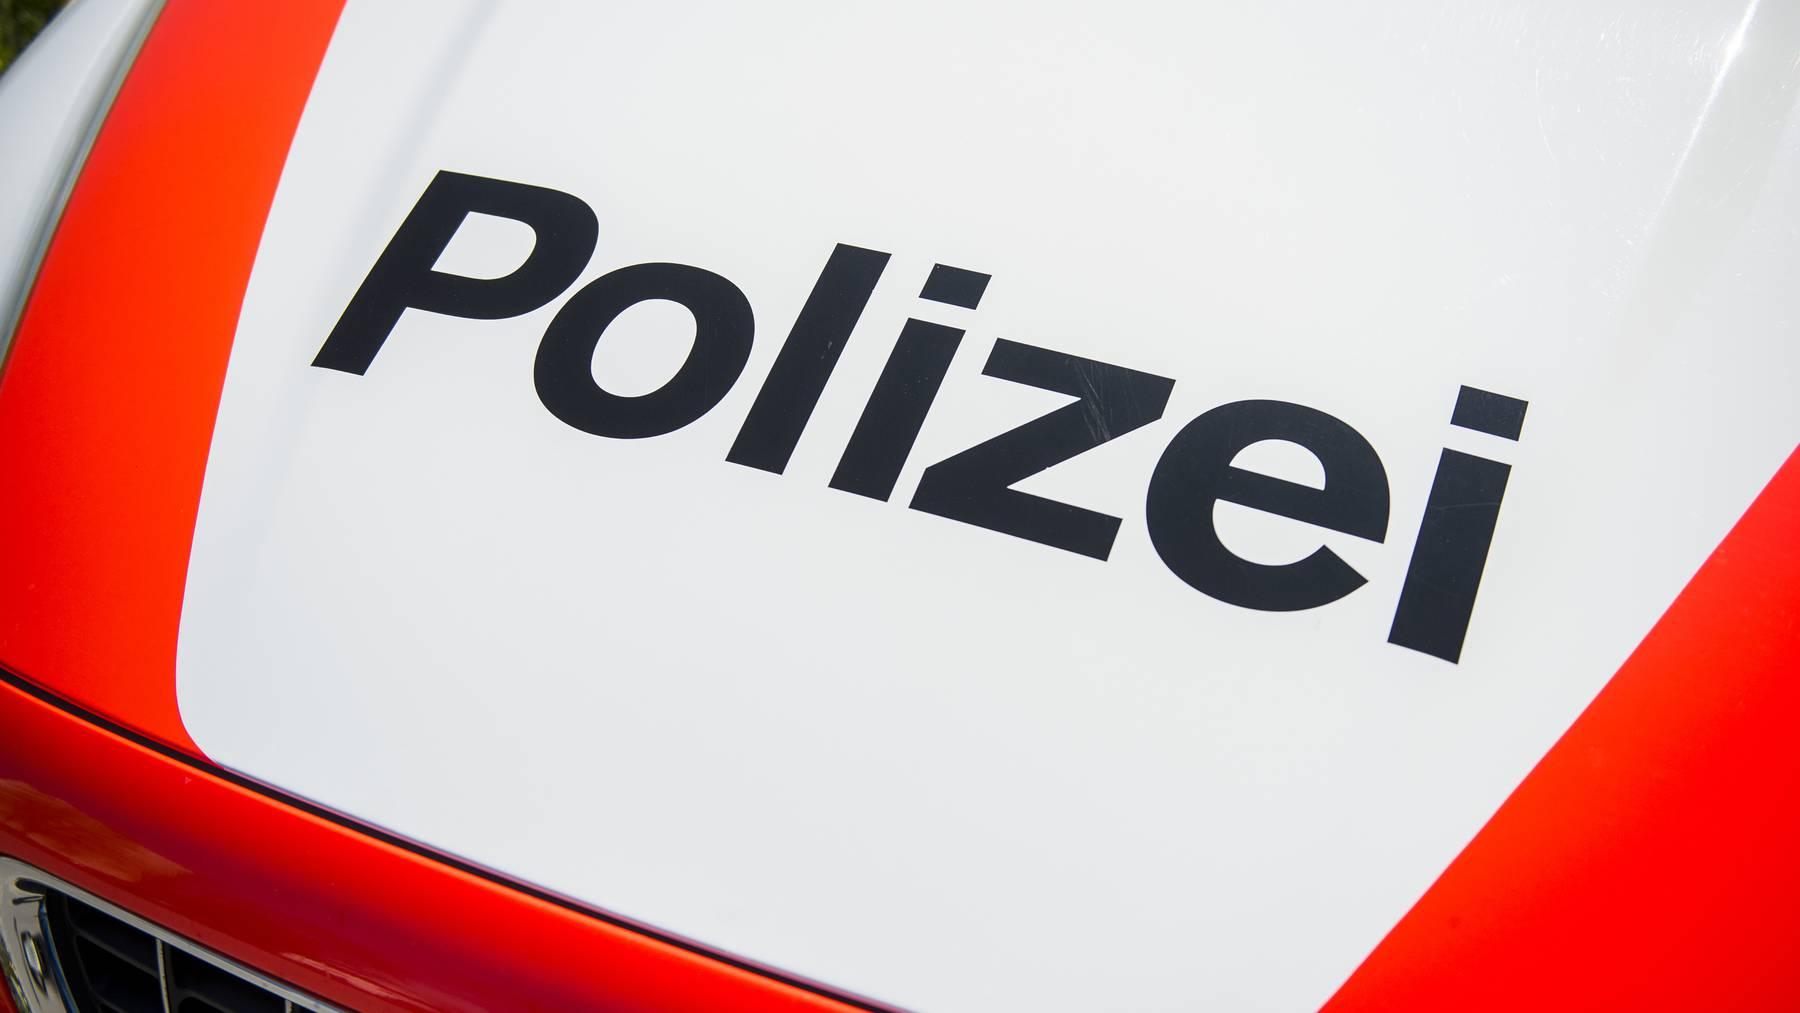 Kantonspolizei Thurgau